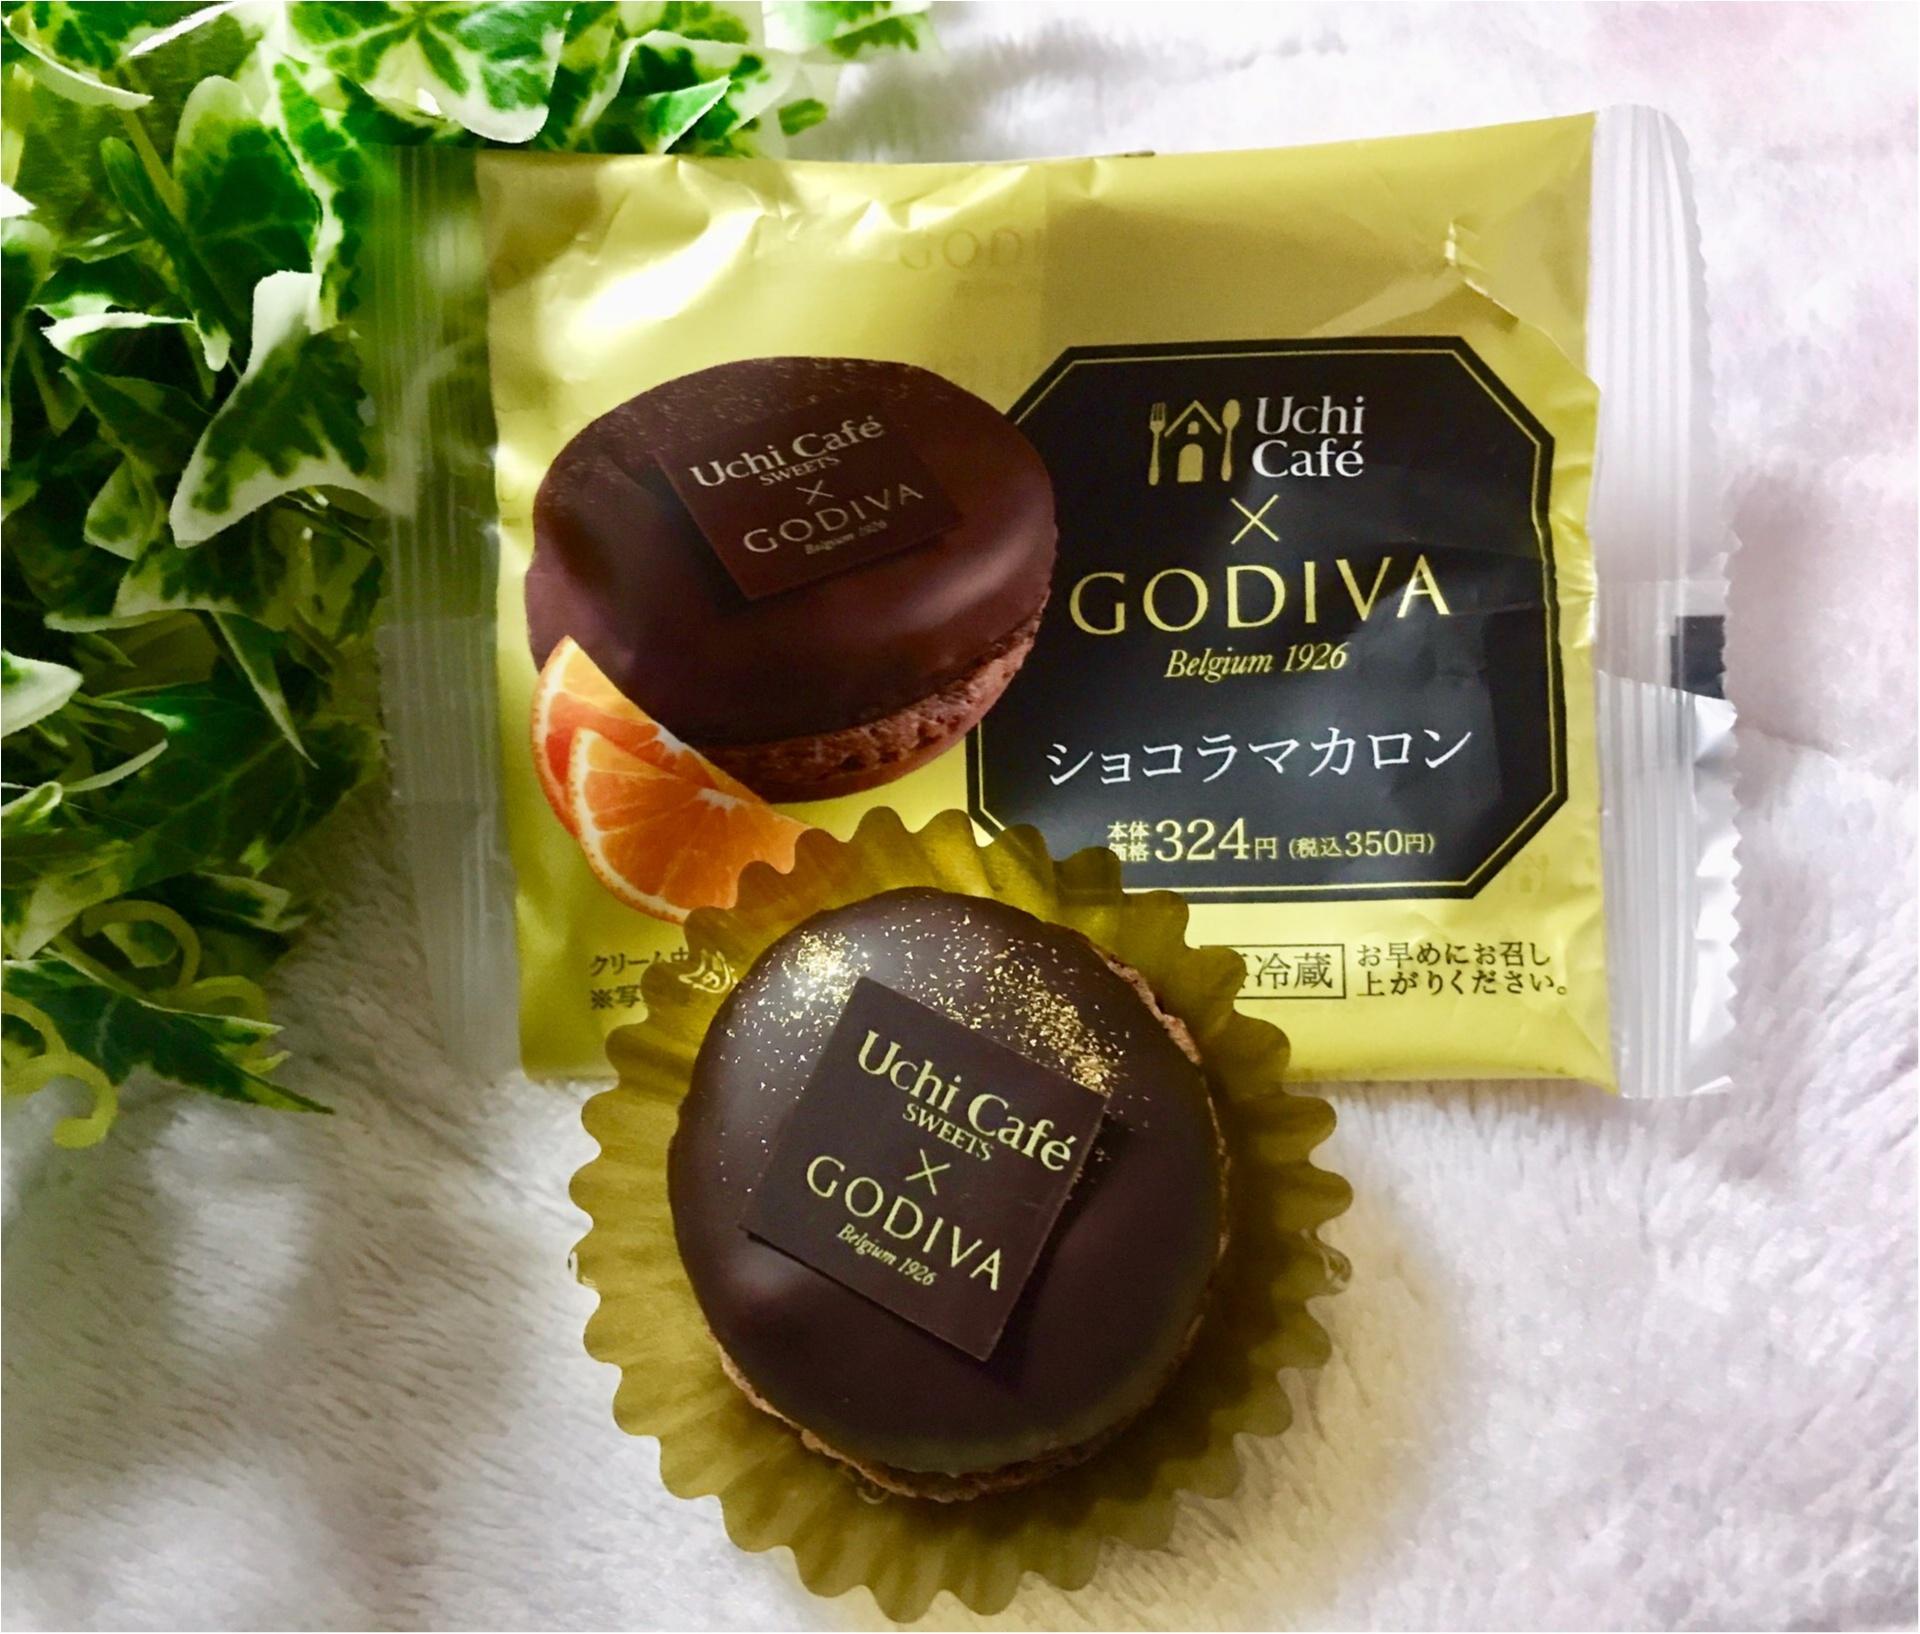 【Uchi Café×GODIVA】コラボスイーツ第6弾!チョコレート好きにはたまらない❤︎《ショコラマカロン》が美味♡♡_1